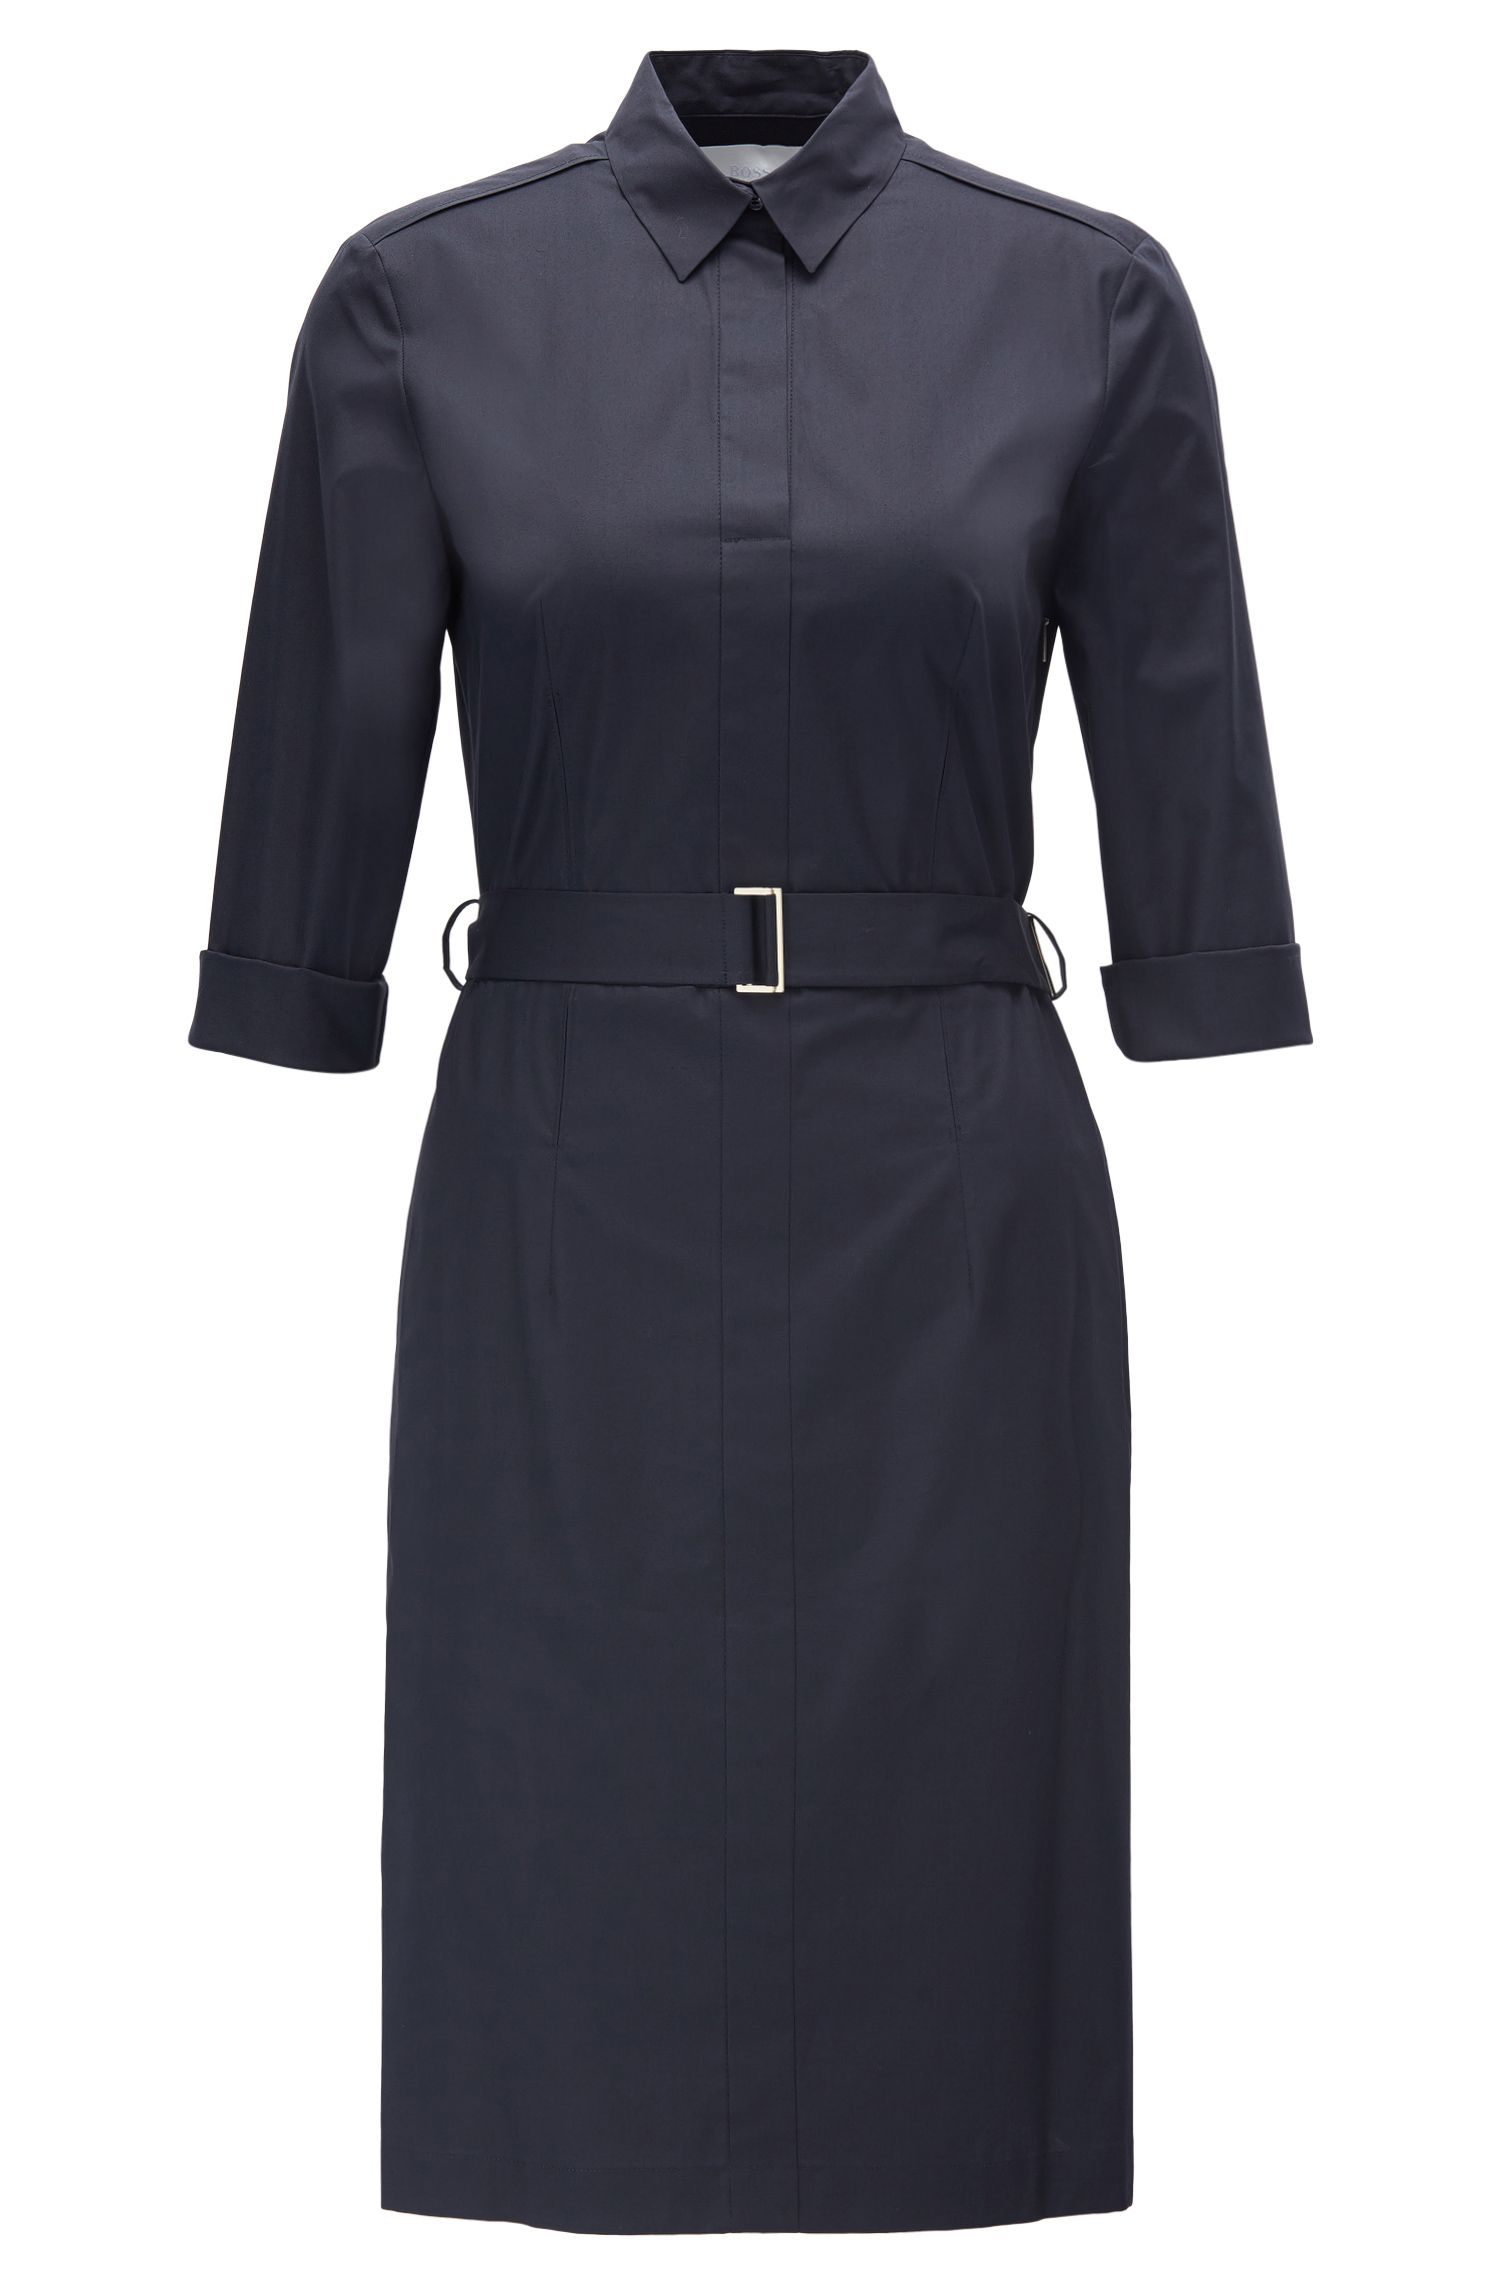 Regular-Fit Hemdblusenkleid aus elastischer Baumwolle mit Gürtel